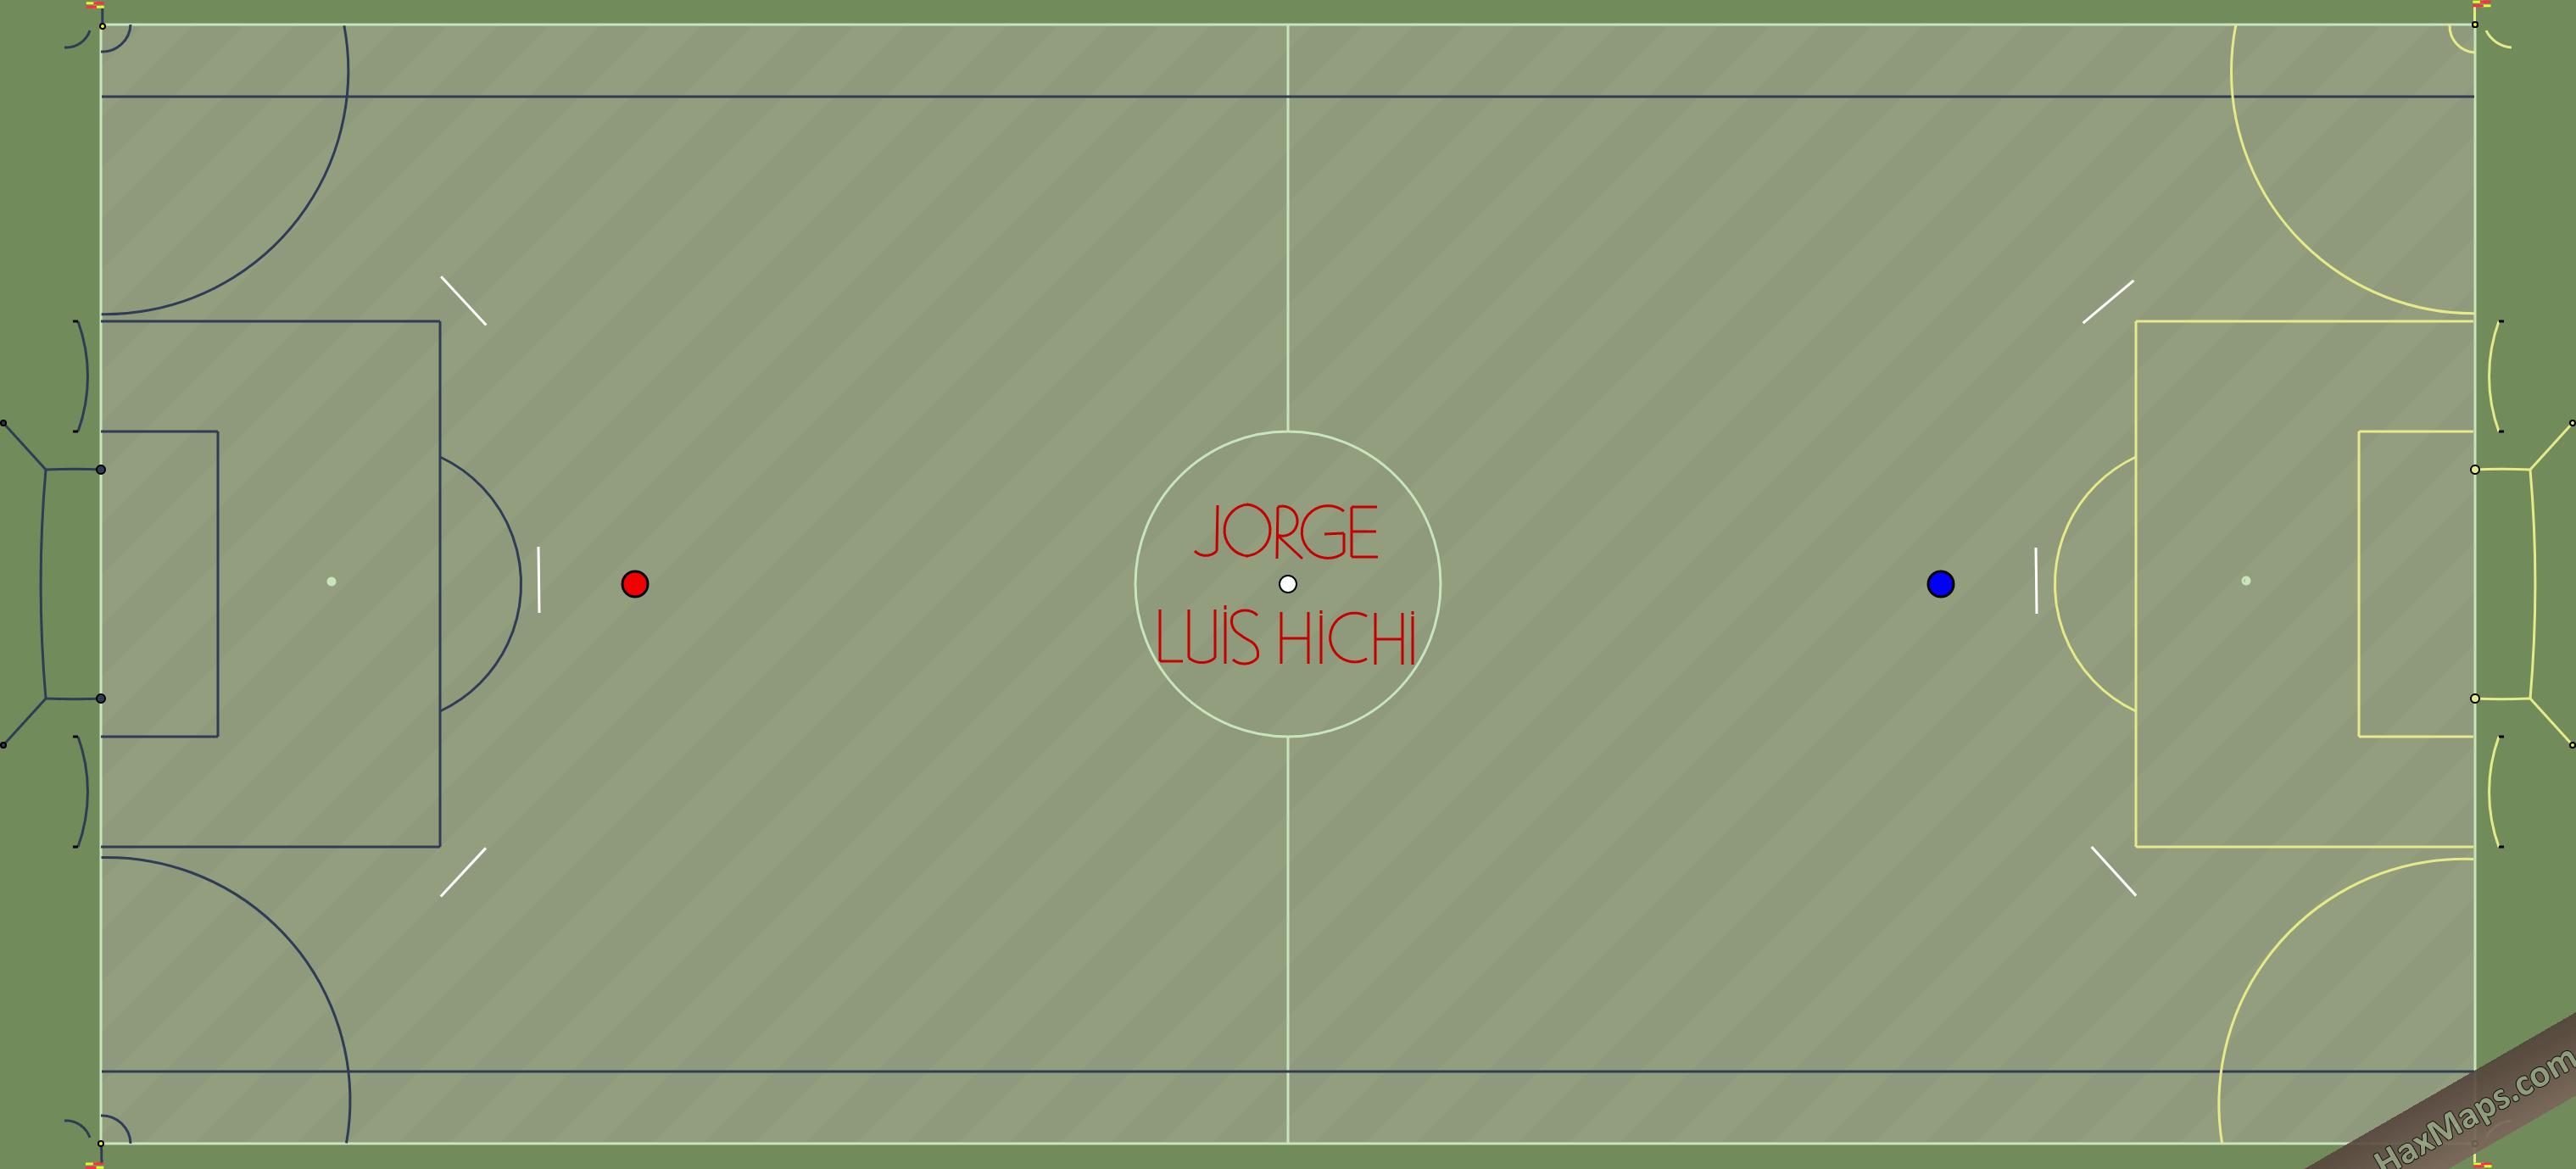 hax ball maps | JORGE LUIS HICHI